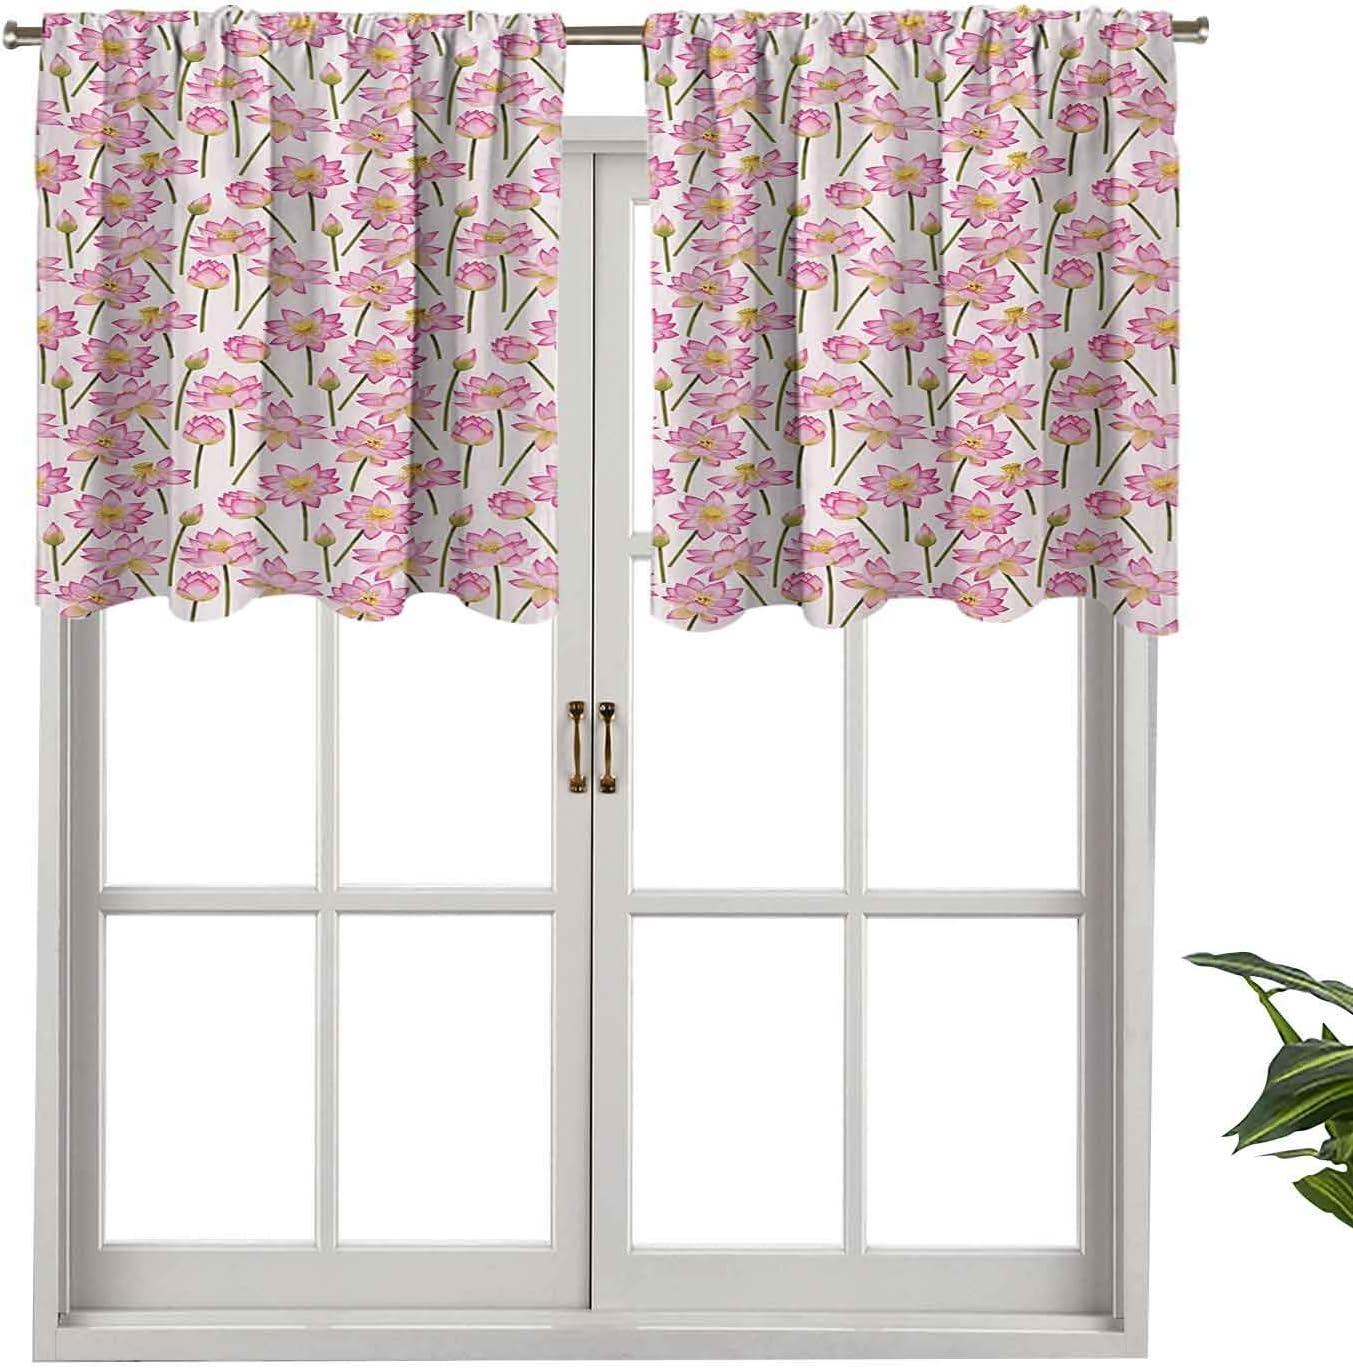 Hiiiman Cortina con aislamiento térmico para decoración del hogar, cenefa de barra, diseño de flores de purificación del alma, remedio homeopático, juego de 1, 106,7 x 45,7 cm para ventana del sótano